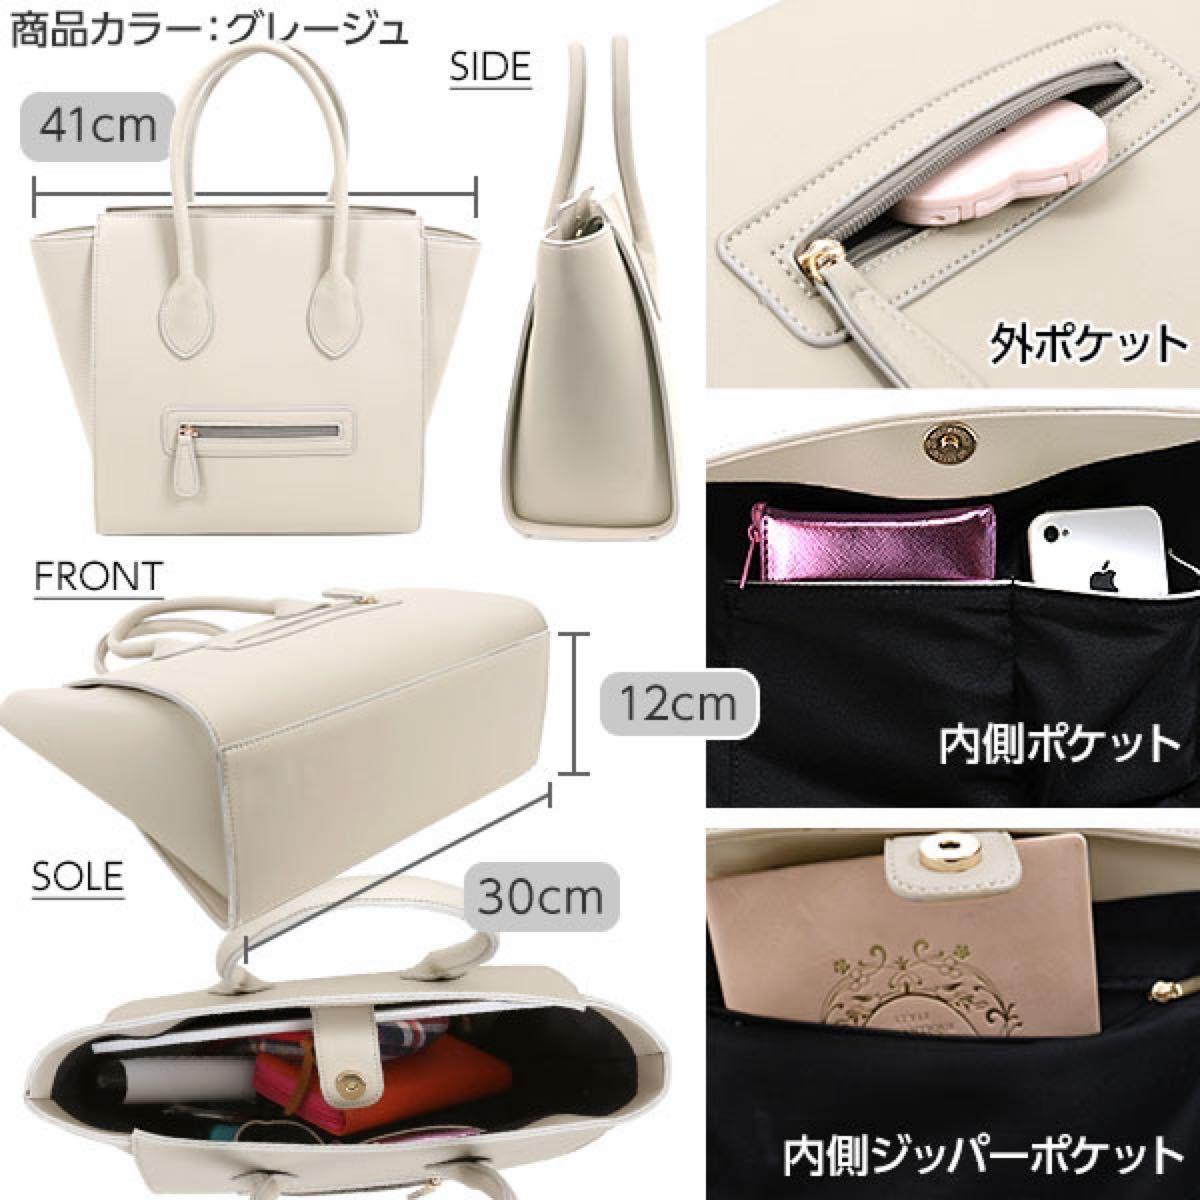 トートバッグ 神戸レタス 大きめトートバッグ ハンドバッグ  新品未使用 バック